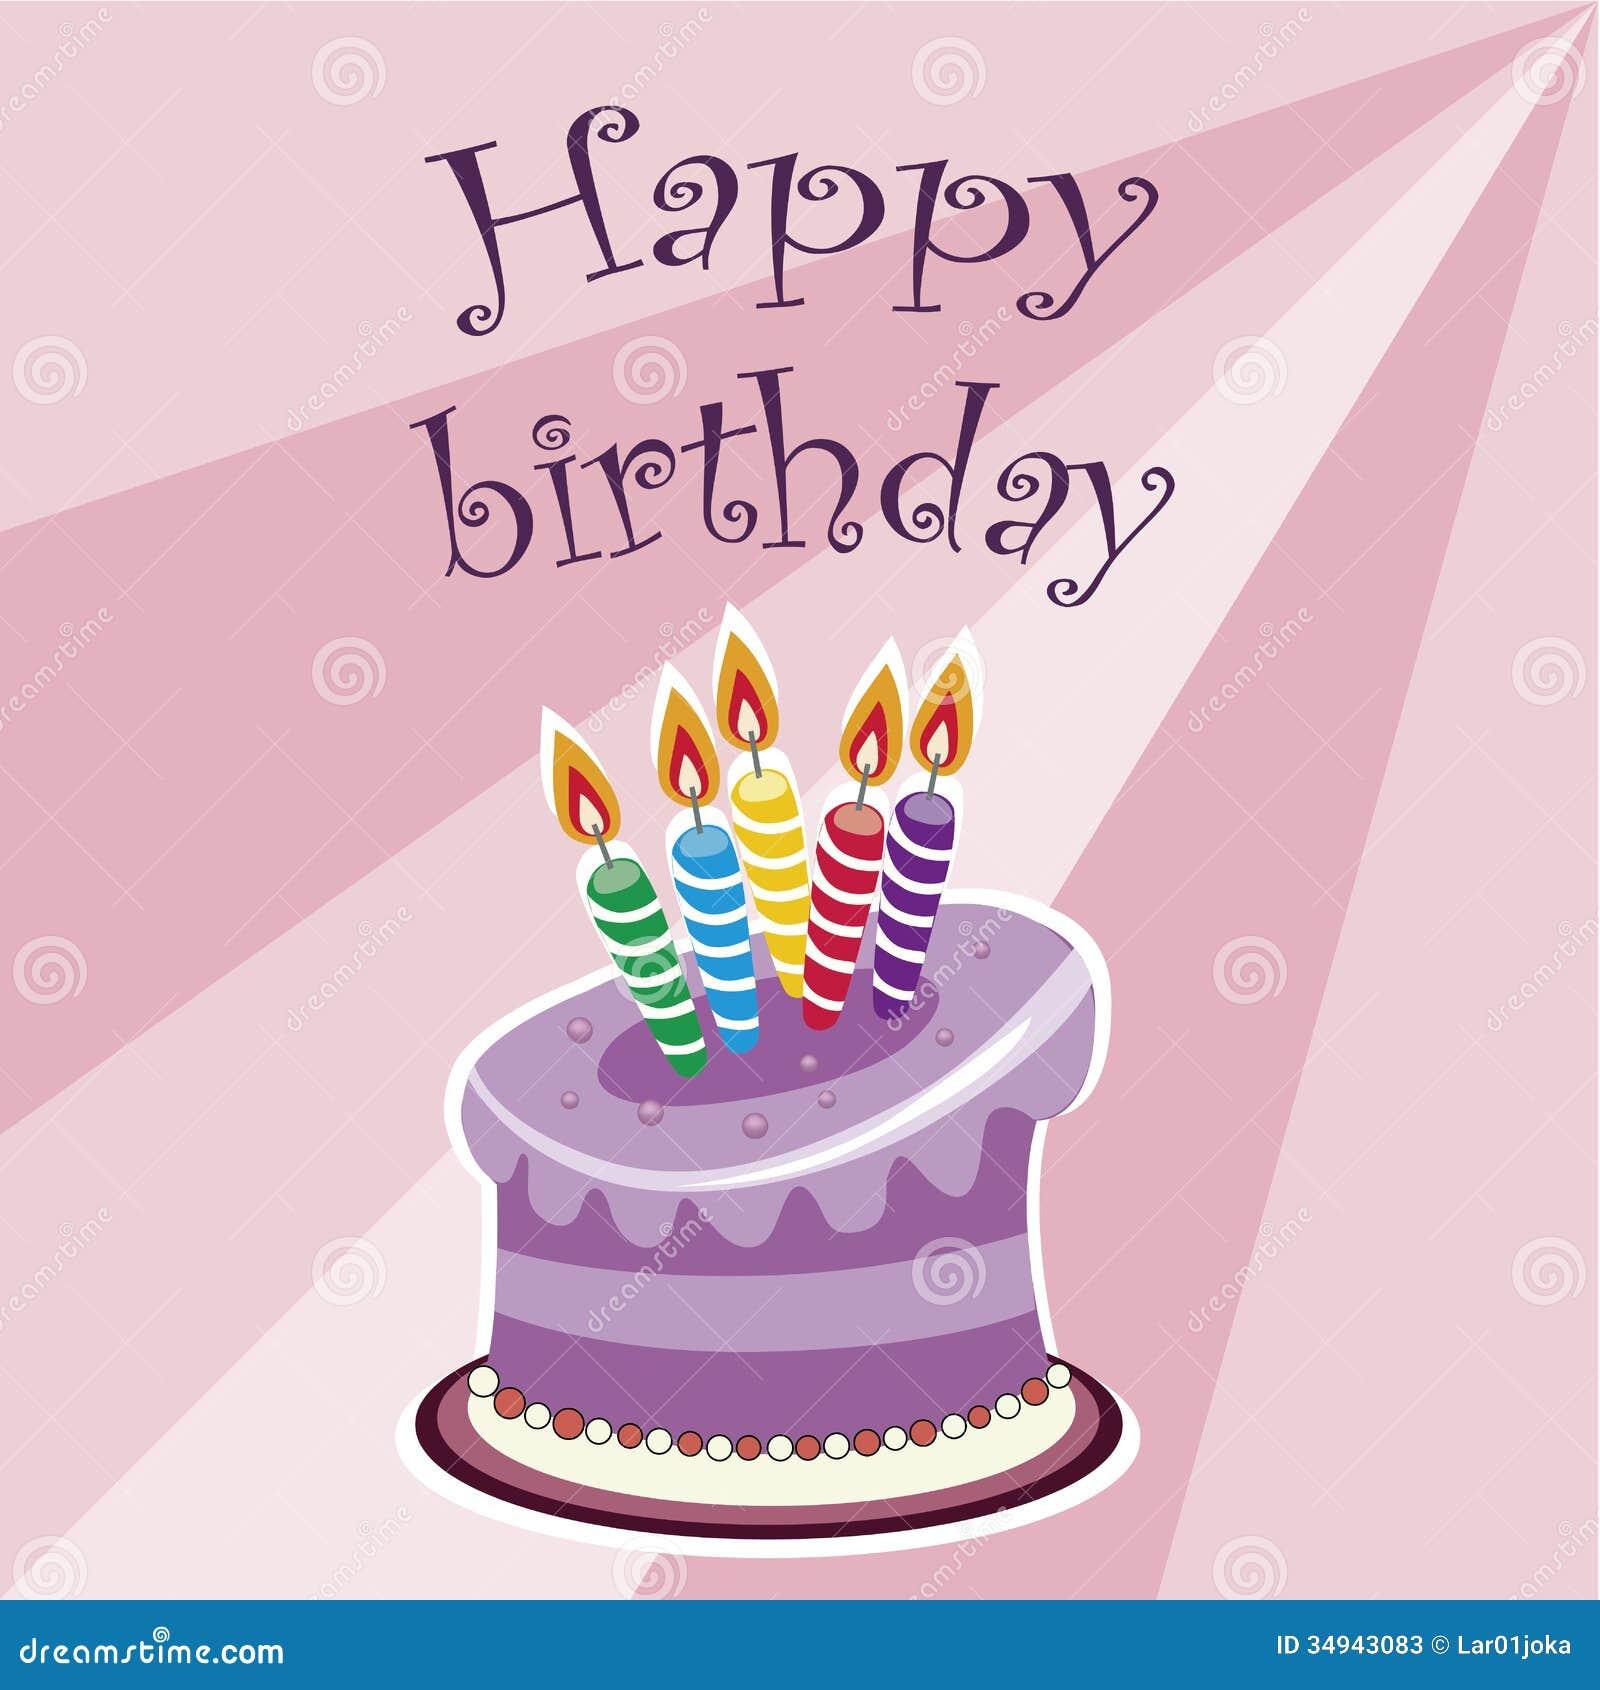 Happy Birthday With Cake Stock Photos